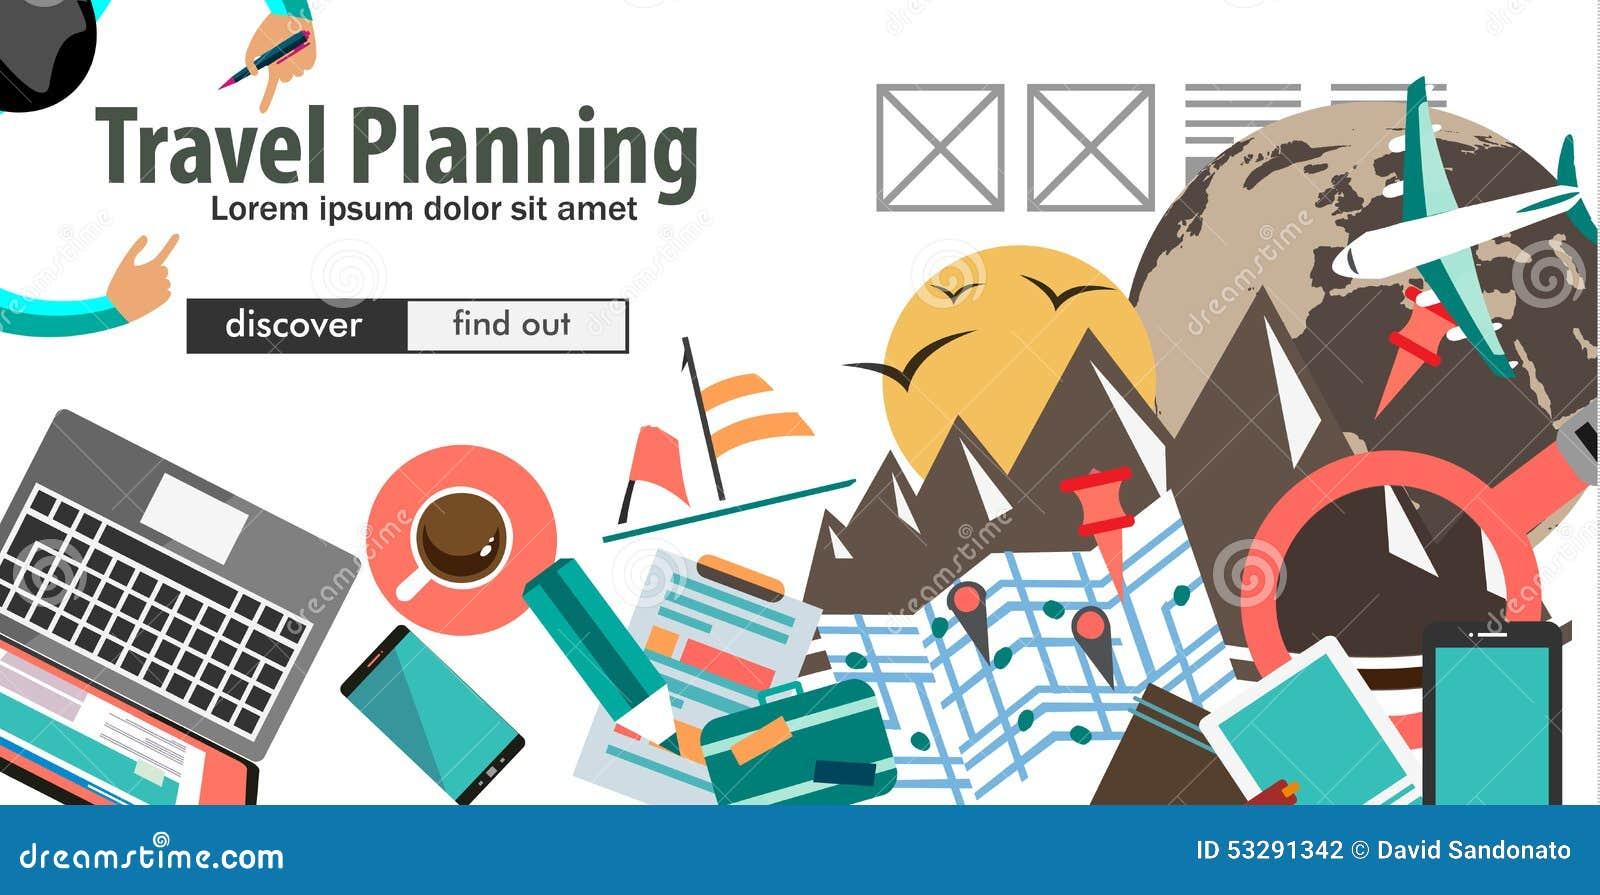 Έννοια για την οργάνωση ταξιδιού και τον προγραμματισμό ταξιδιού